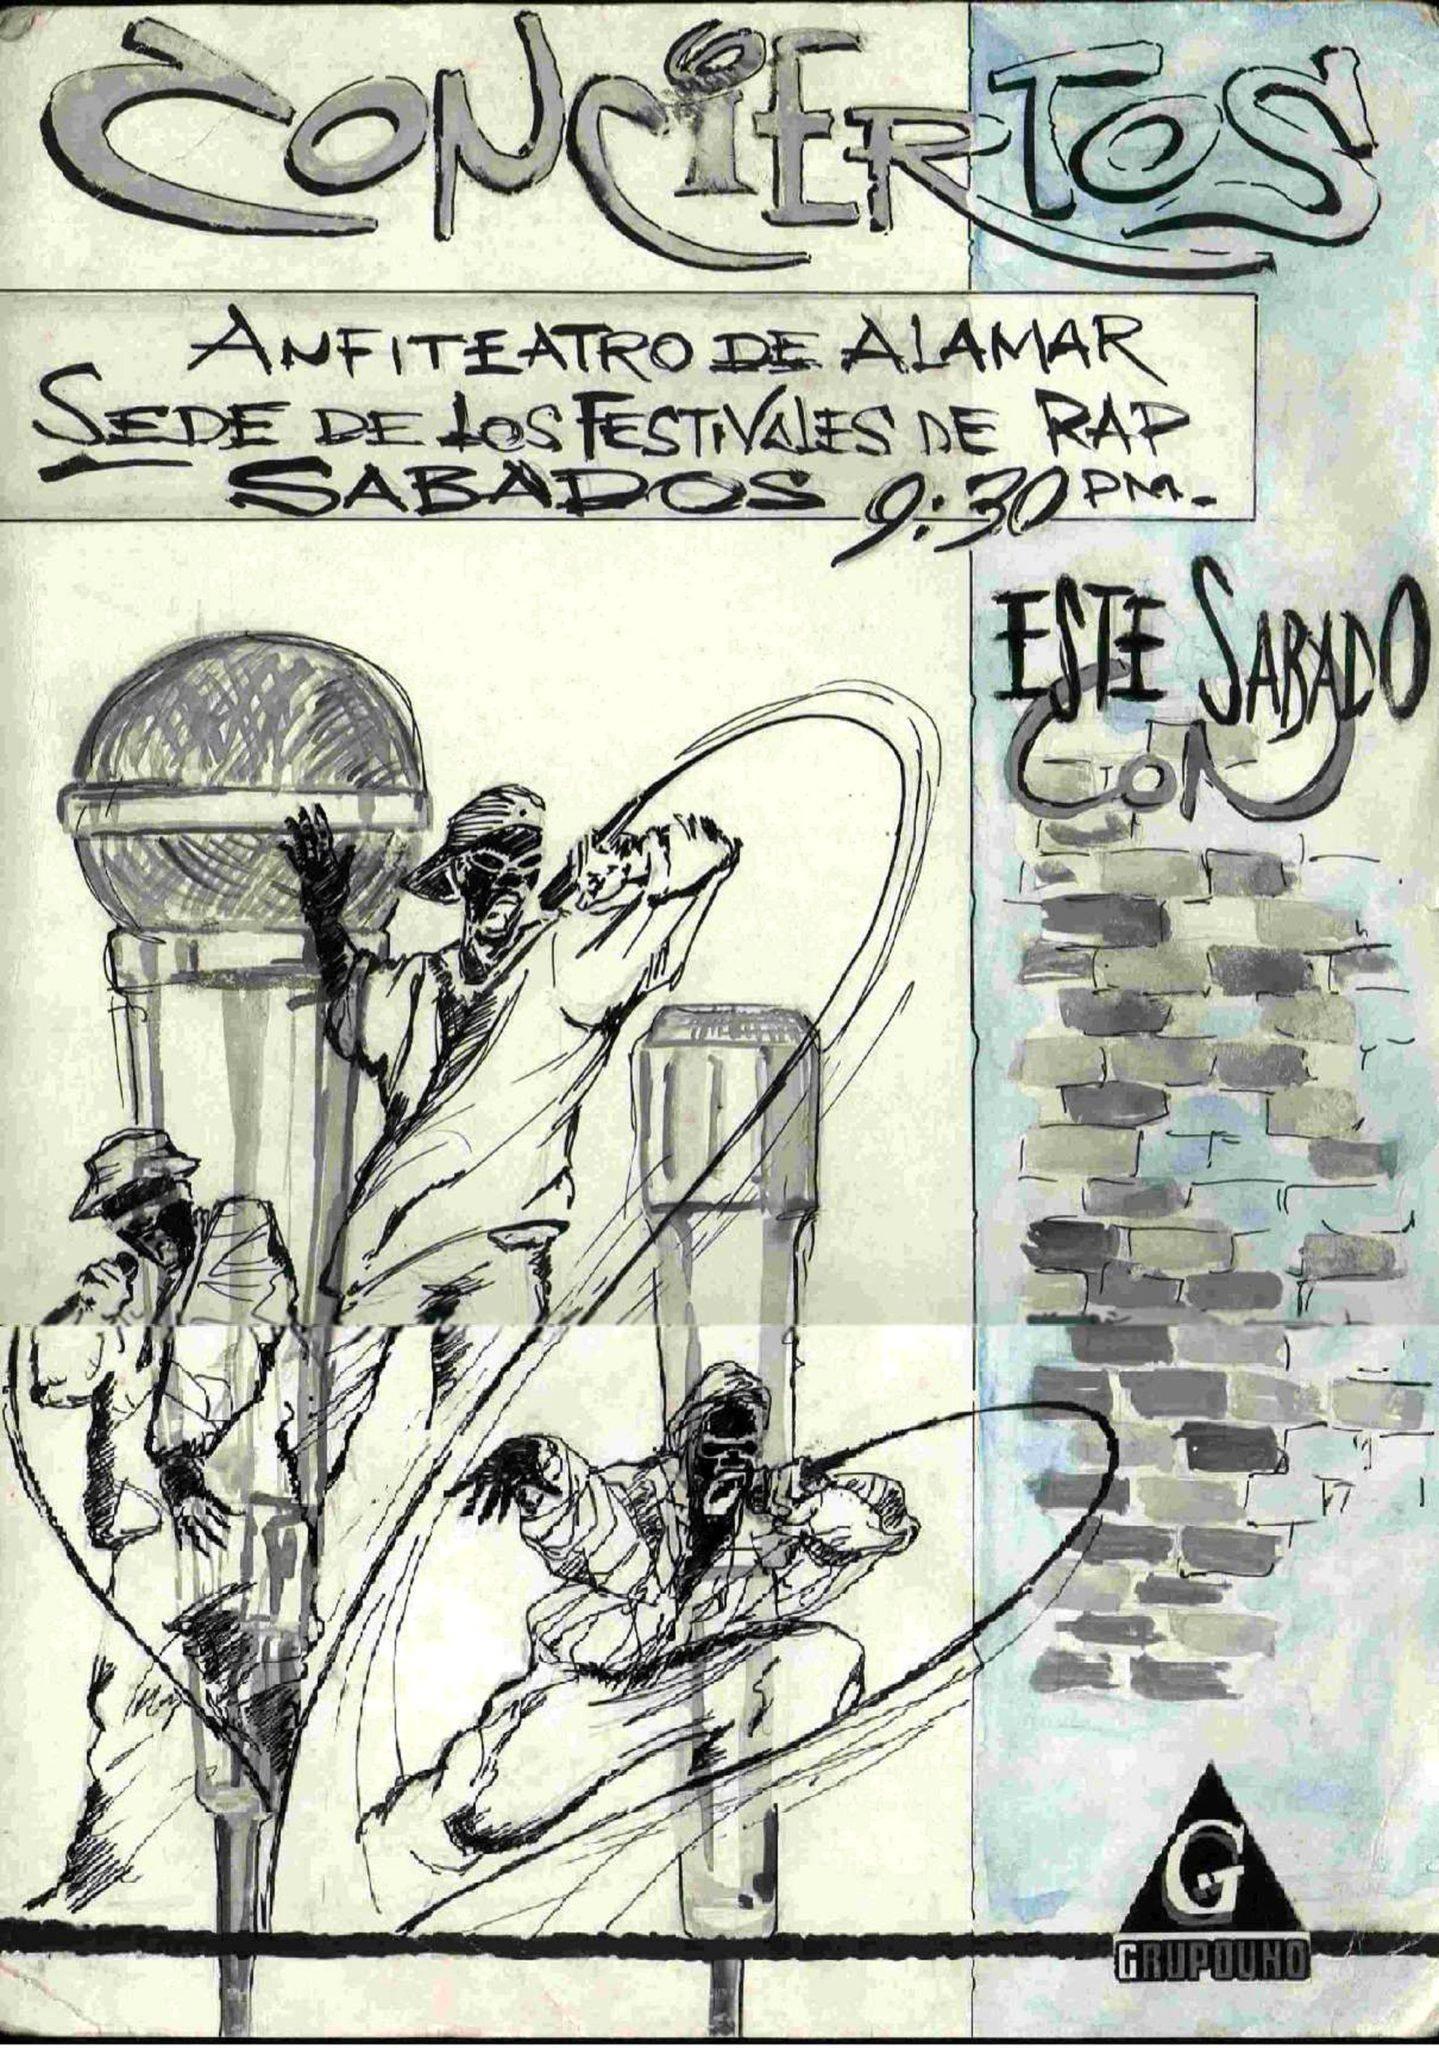 Este cartel de Tagles Heredia para la promoción de un concierto de rap en el Anfiteatro de Alamar forma parte de la exposición. Foto: Cortesía de Alejandro Zamora.